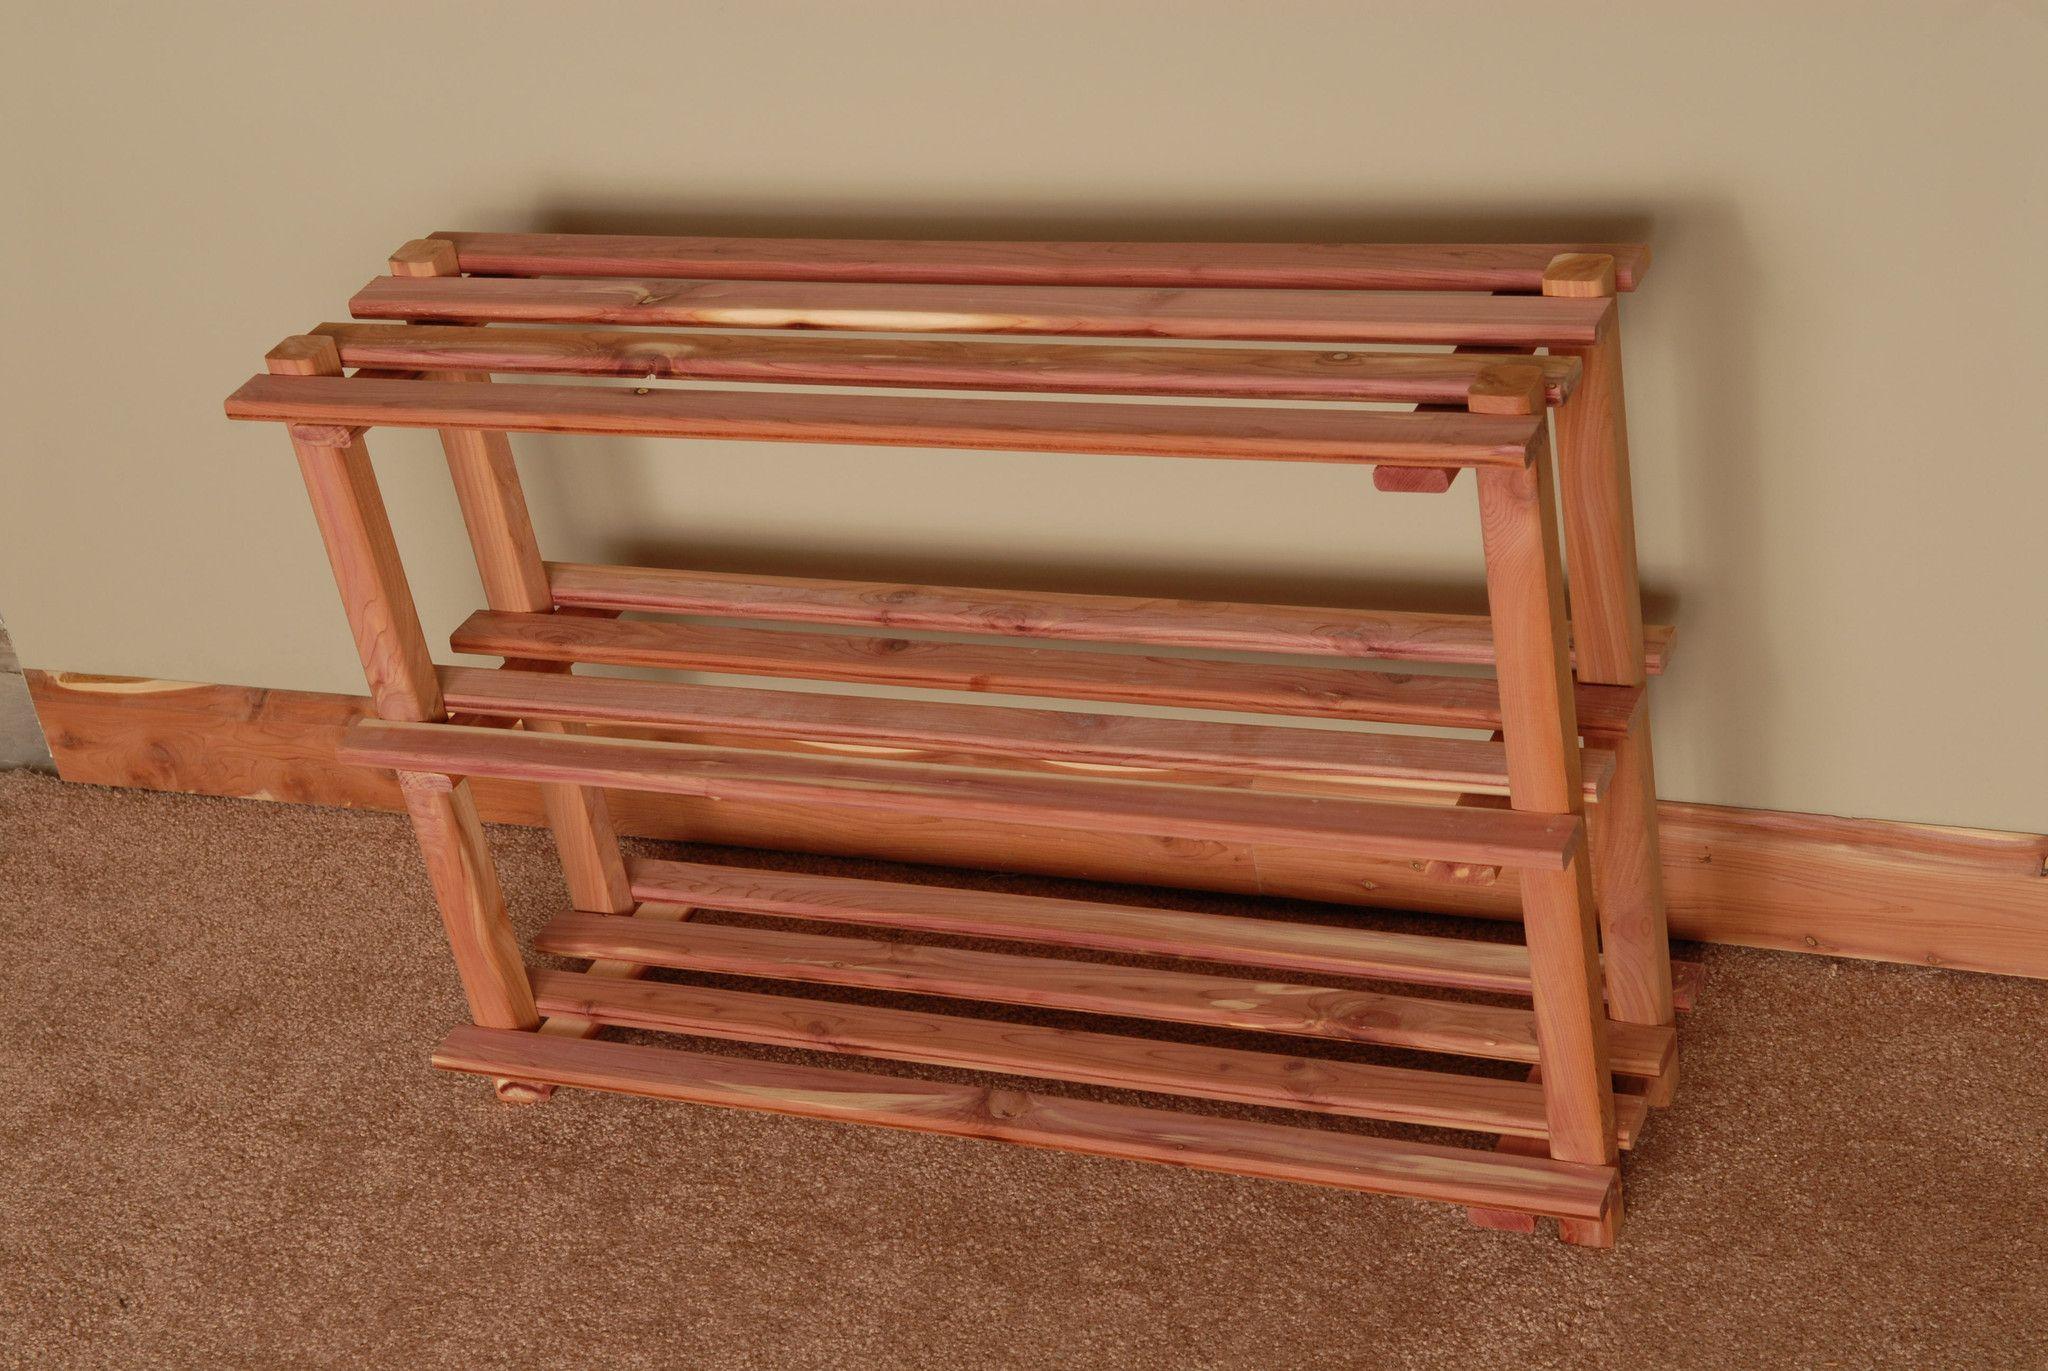 Cedar 3 Tier Shoe Rack Diy Projects Pinterest Table